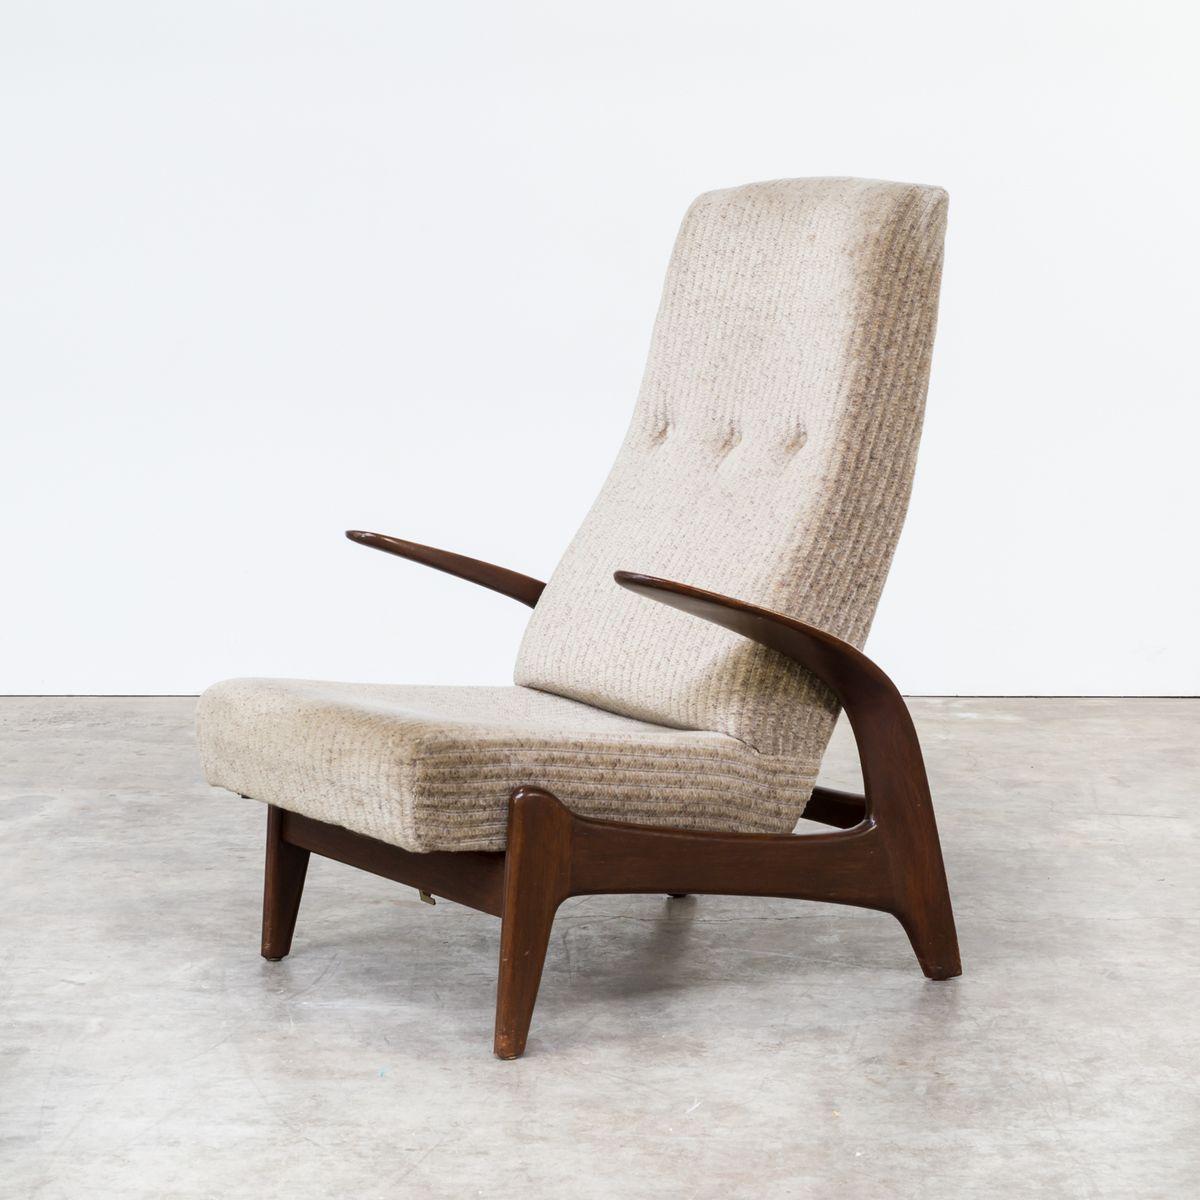 Verstellbarer Rock ´n´ Rest Sessel von Gimson & Slater